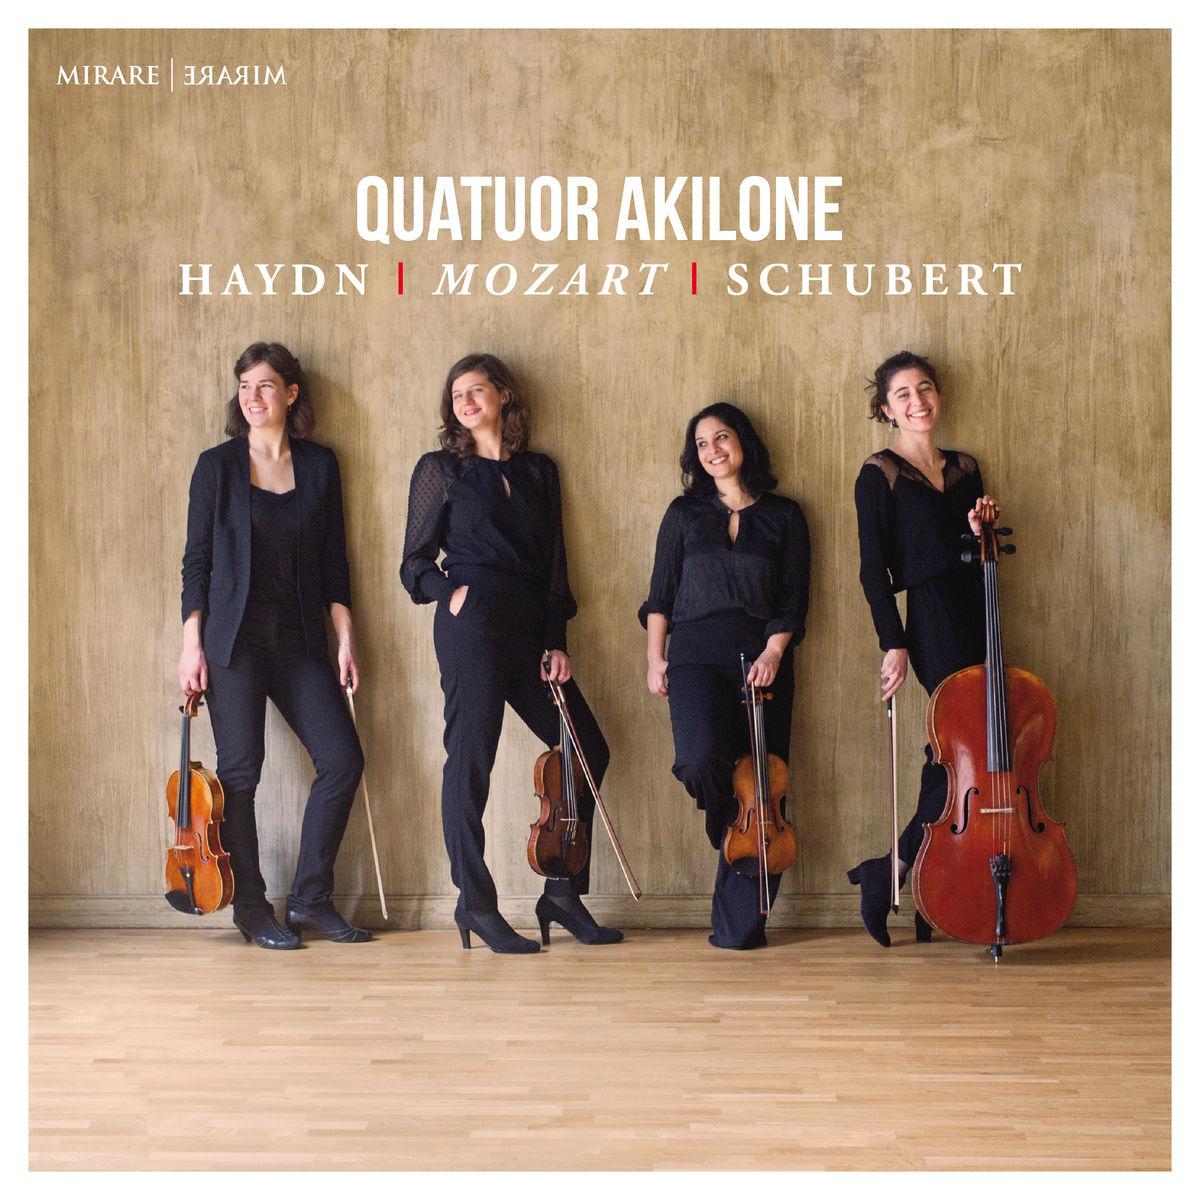 d6412bc53b Music is the key  Quatuor Akilone HAYDN